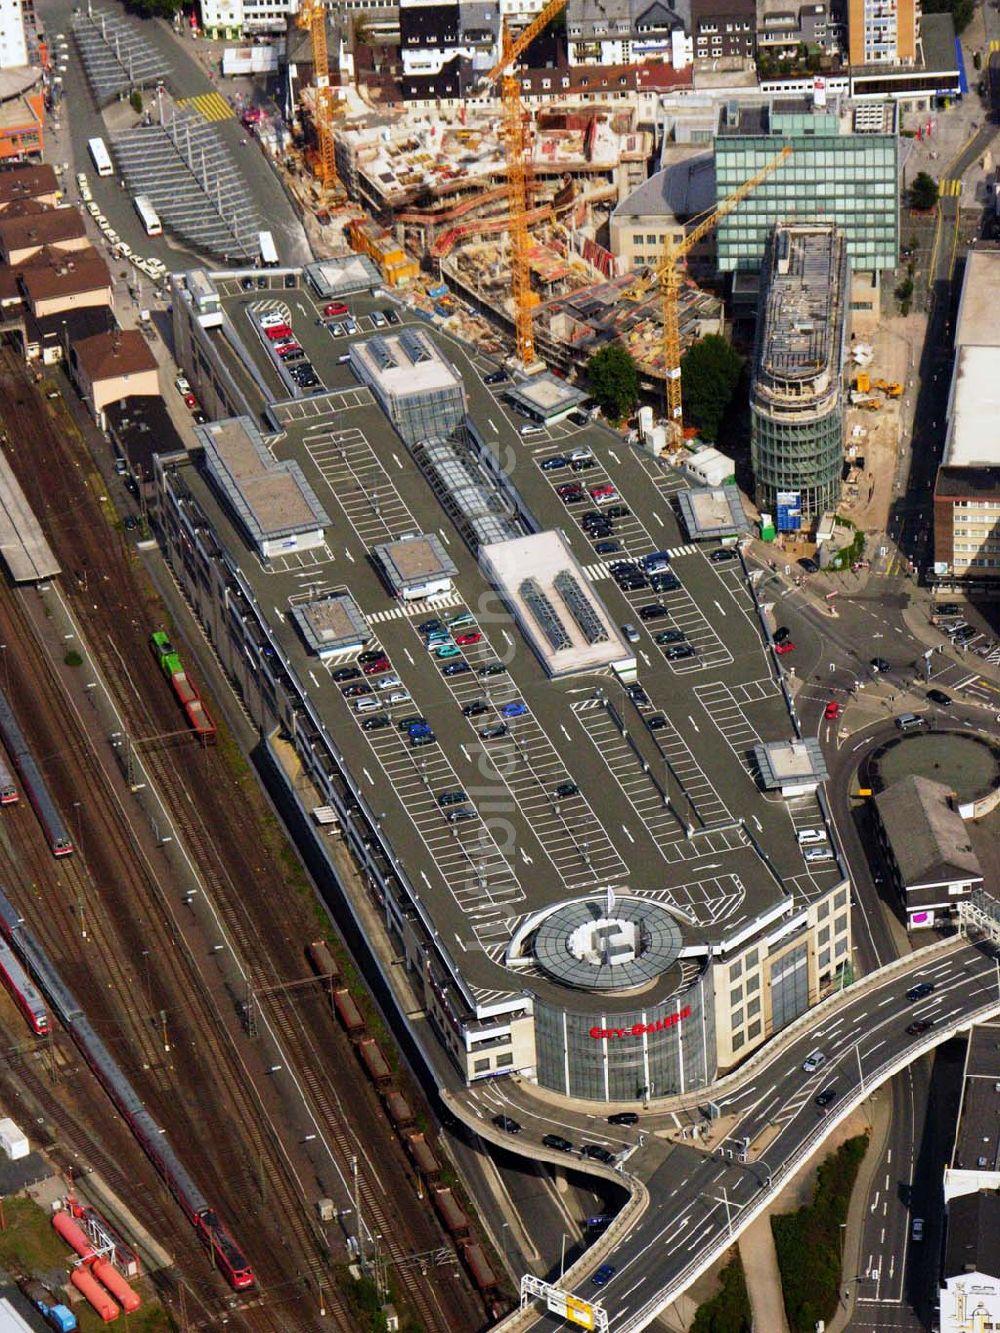 Luftbild Siegen - Die City Galerie und die Baustelle des Sieg-Carré in  Siegen